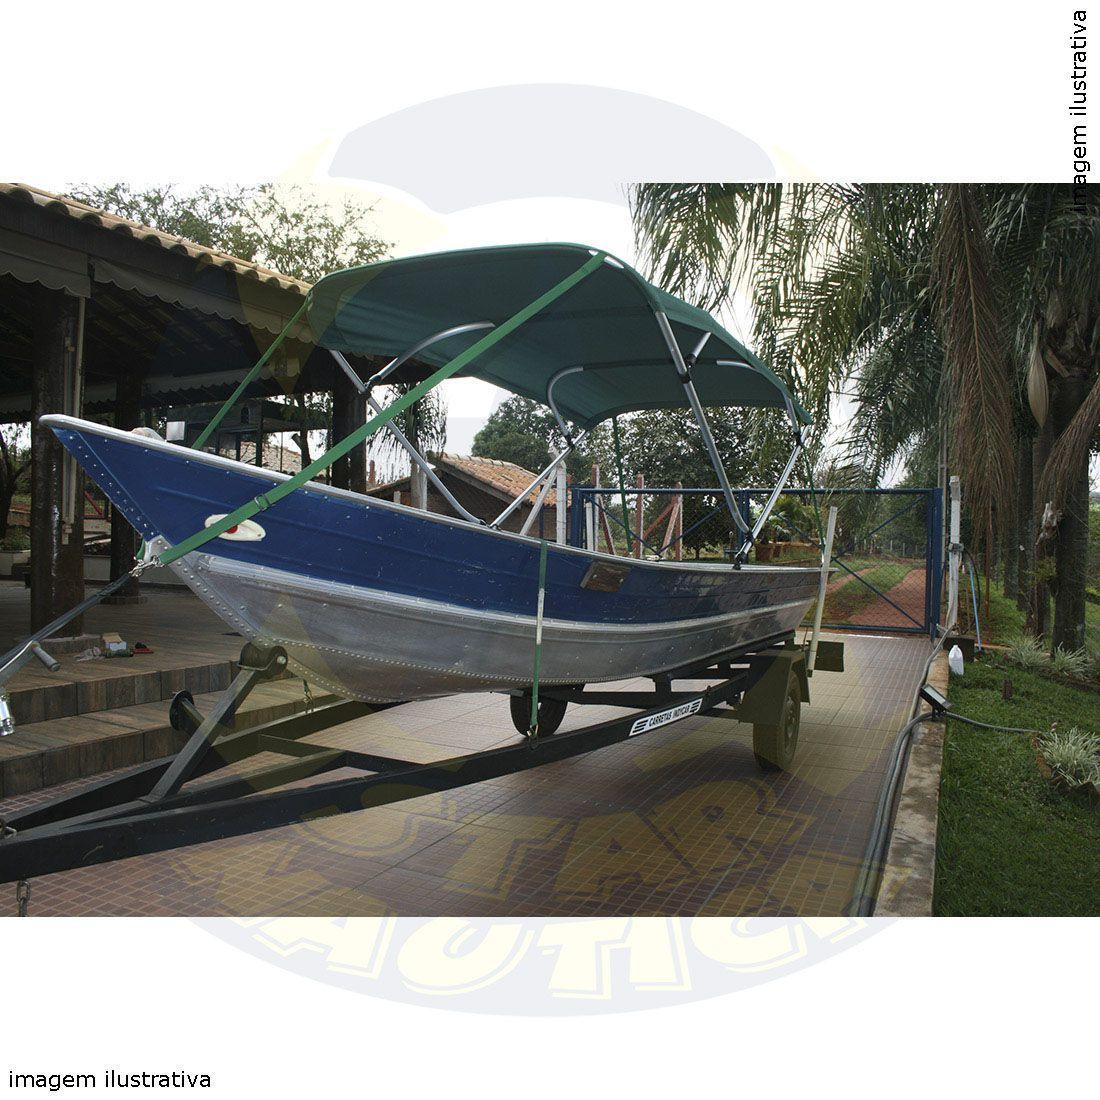 Capota Toldo Barco Aruak 500 Poliéster 4 Arcos Tubo 7/8